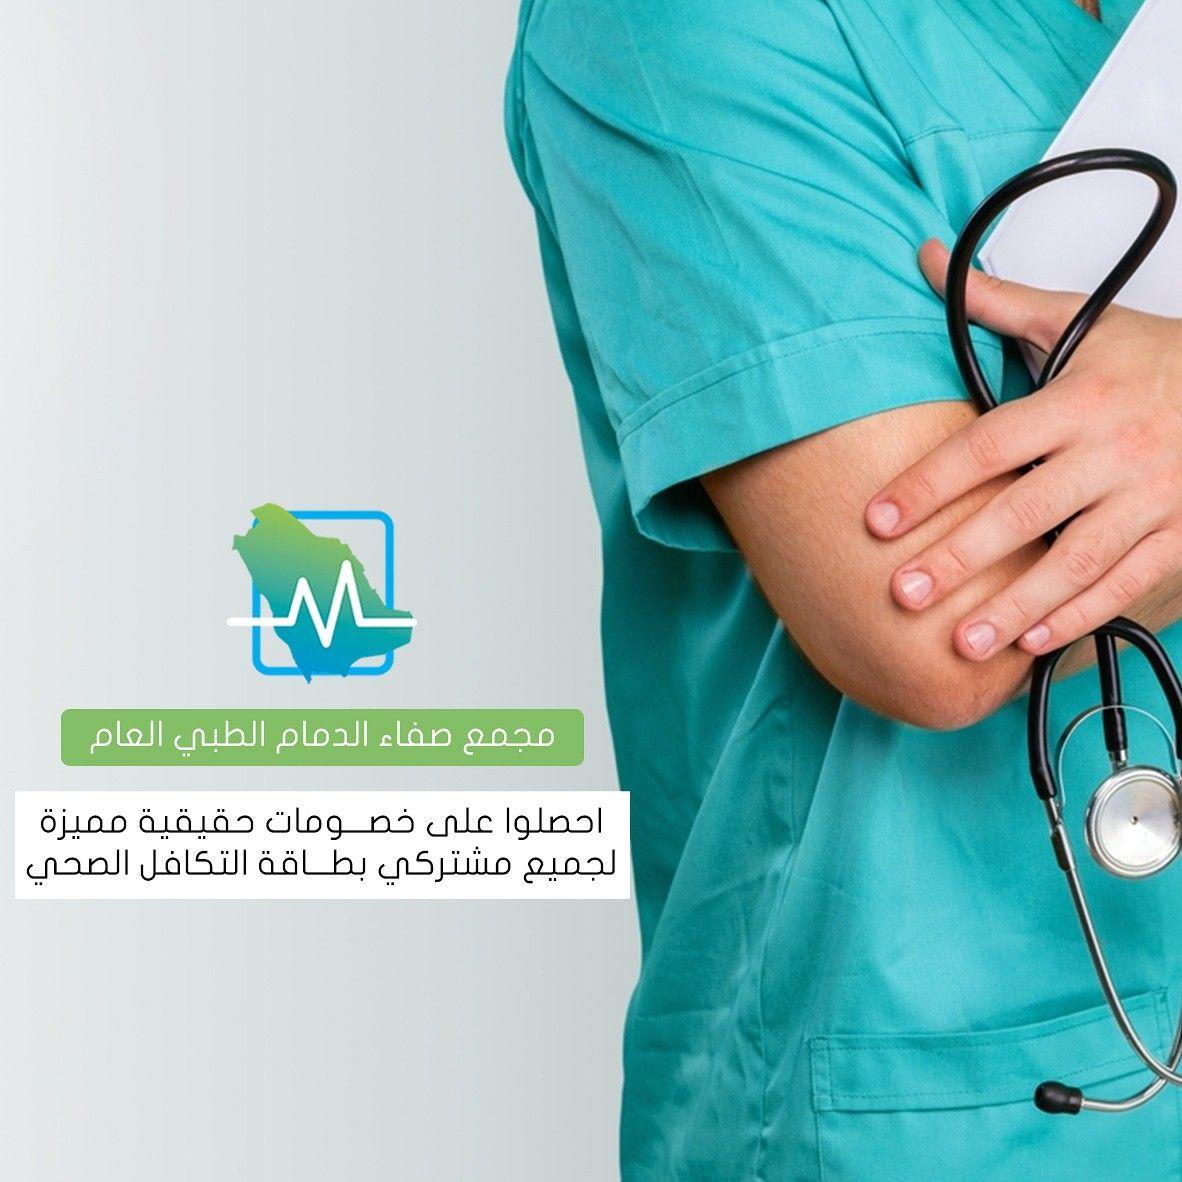 مجمع صفاء الدمام الطبي العام يقدم لكم جميع الخدمات الطبية بخصومات حقيقية على بطاقة التكافل الصحي Https Bit Ly 30vt9s7 Health Insurance Health Insurance